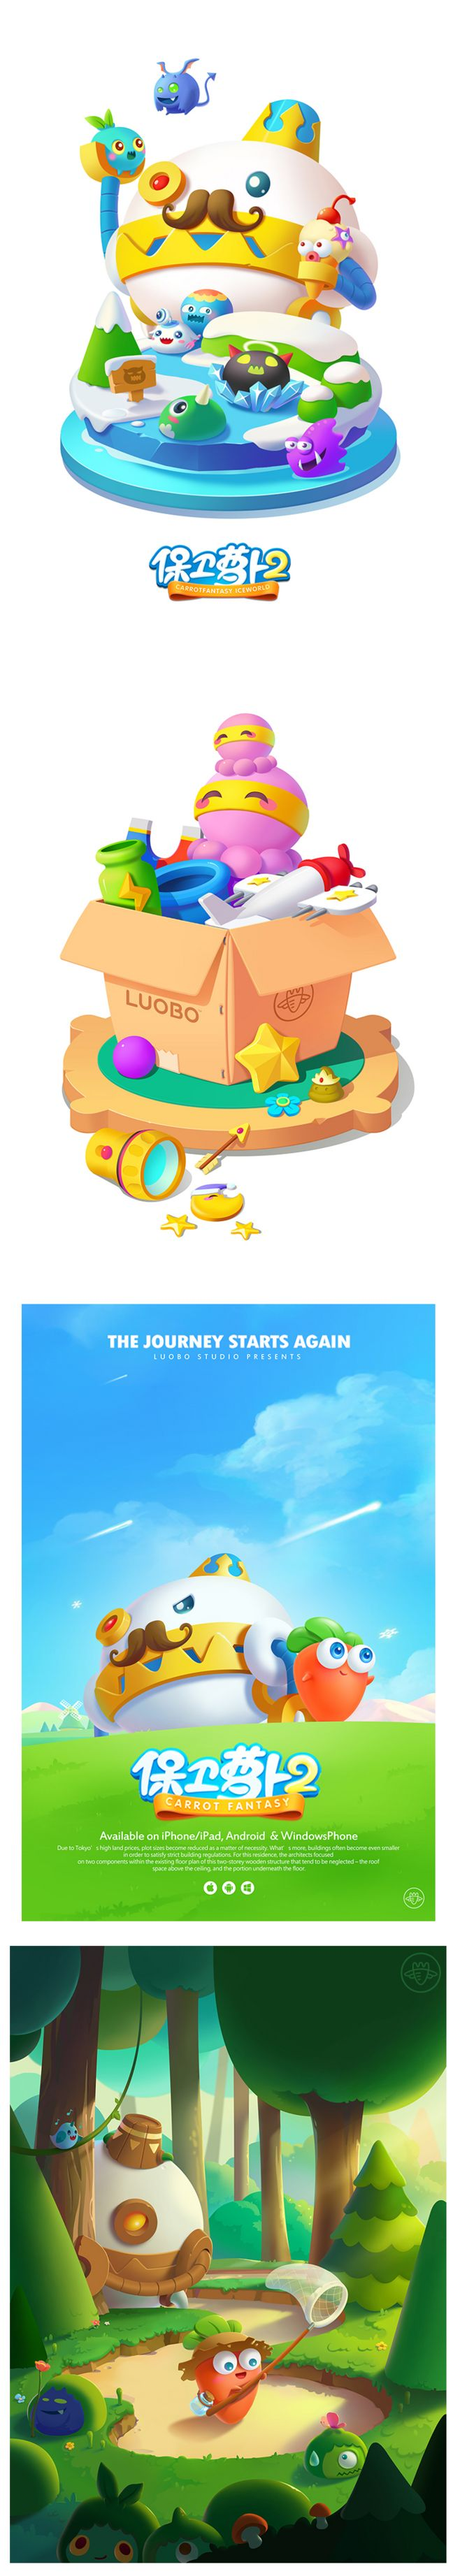 游戏《保卫萝卜》宣传图|游戏原画|插画|...